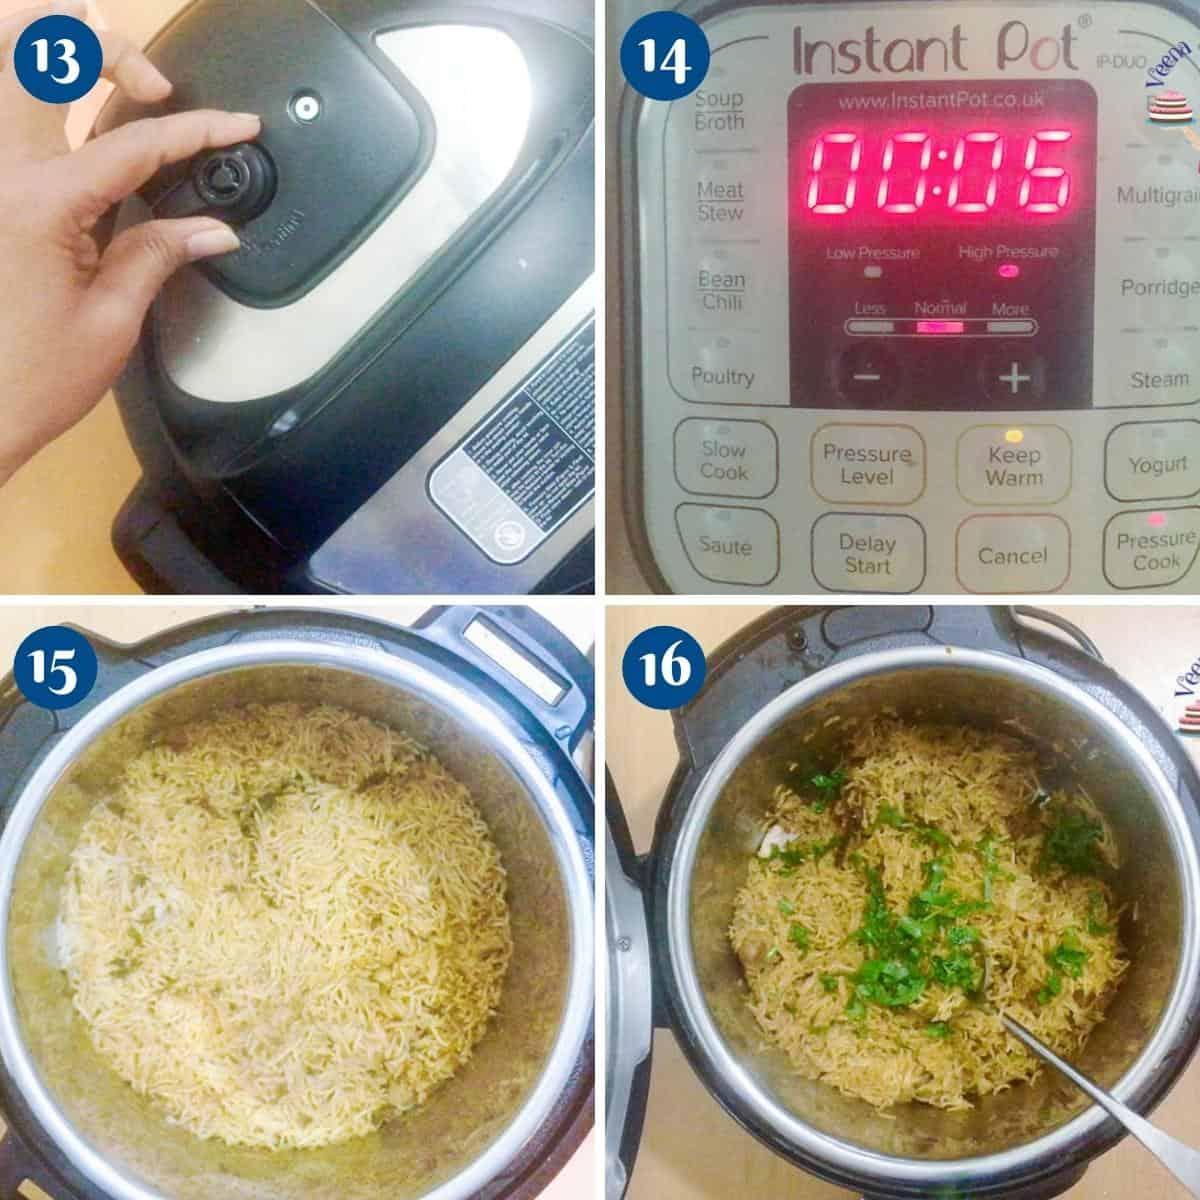 Progress pictures pressure cook biryani in instant pot.